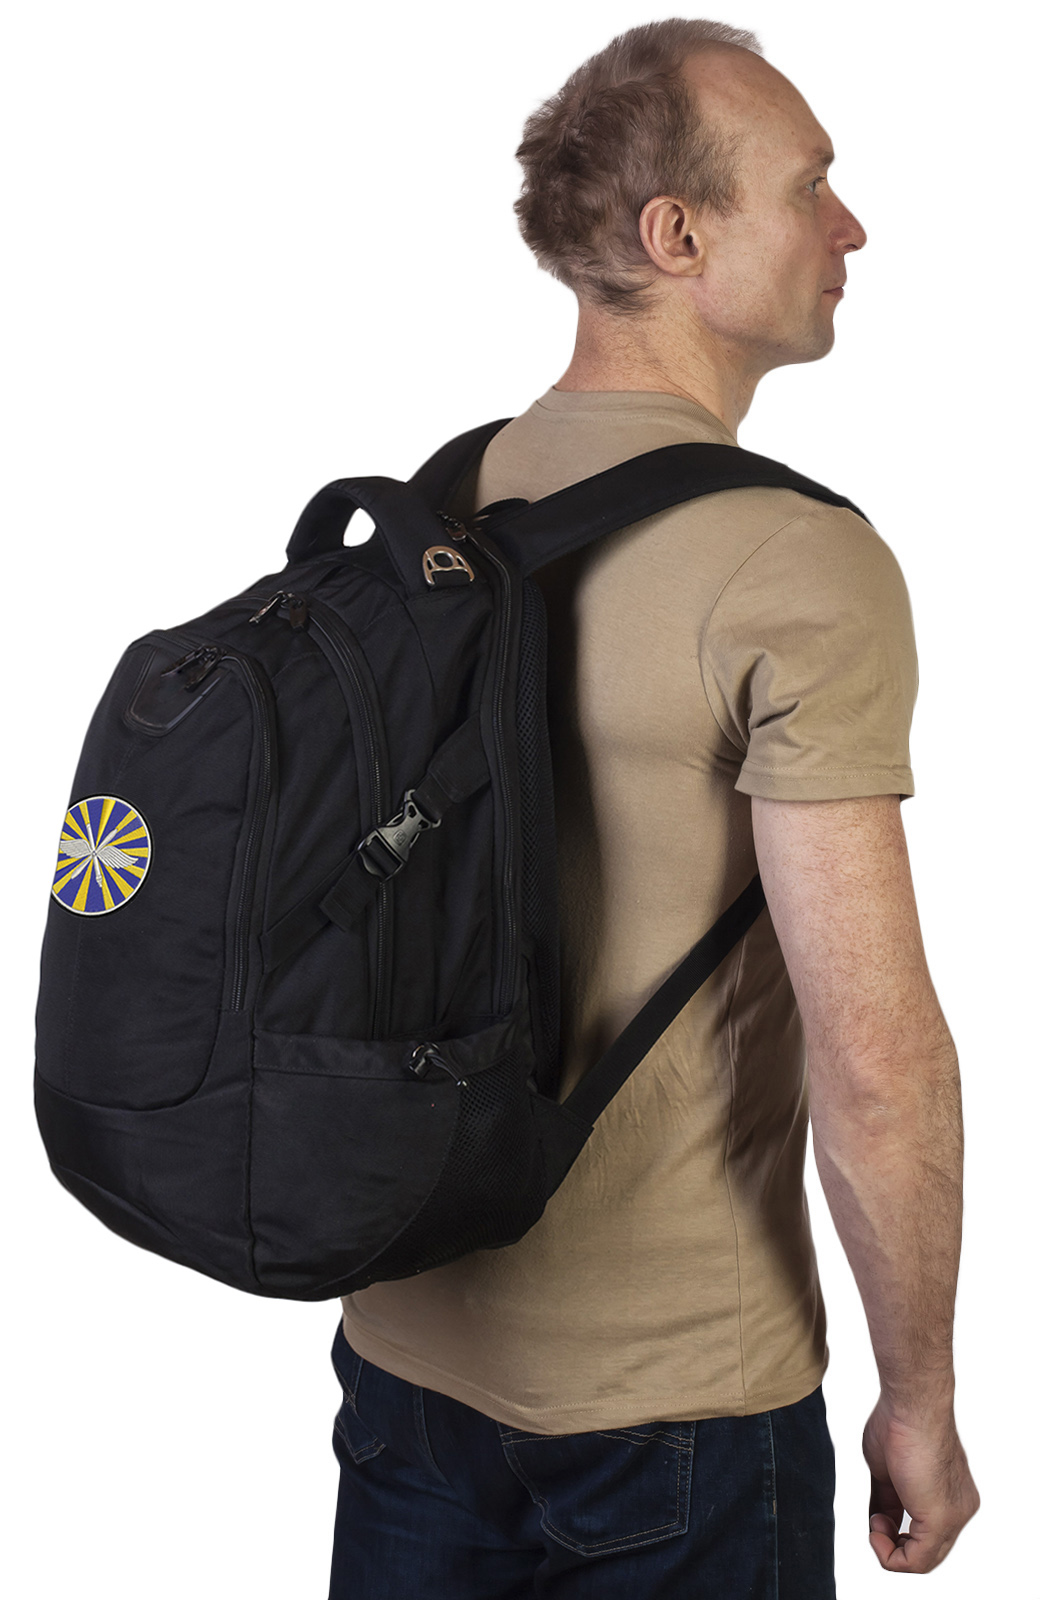 Многоцелевой эргономичный рюкзак с нашивкой ВВС - заказать в Военпро